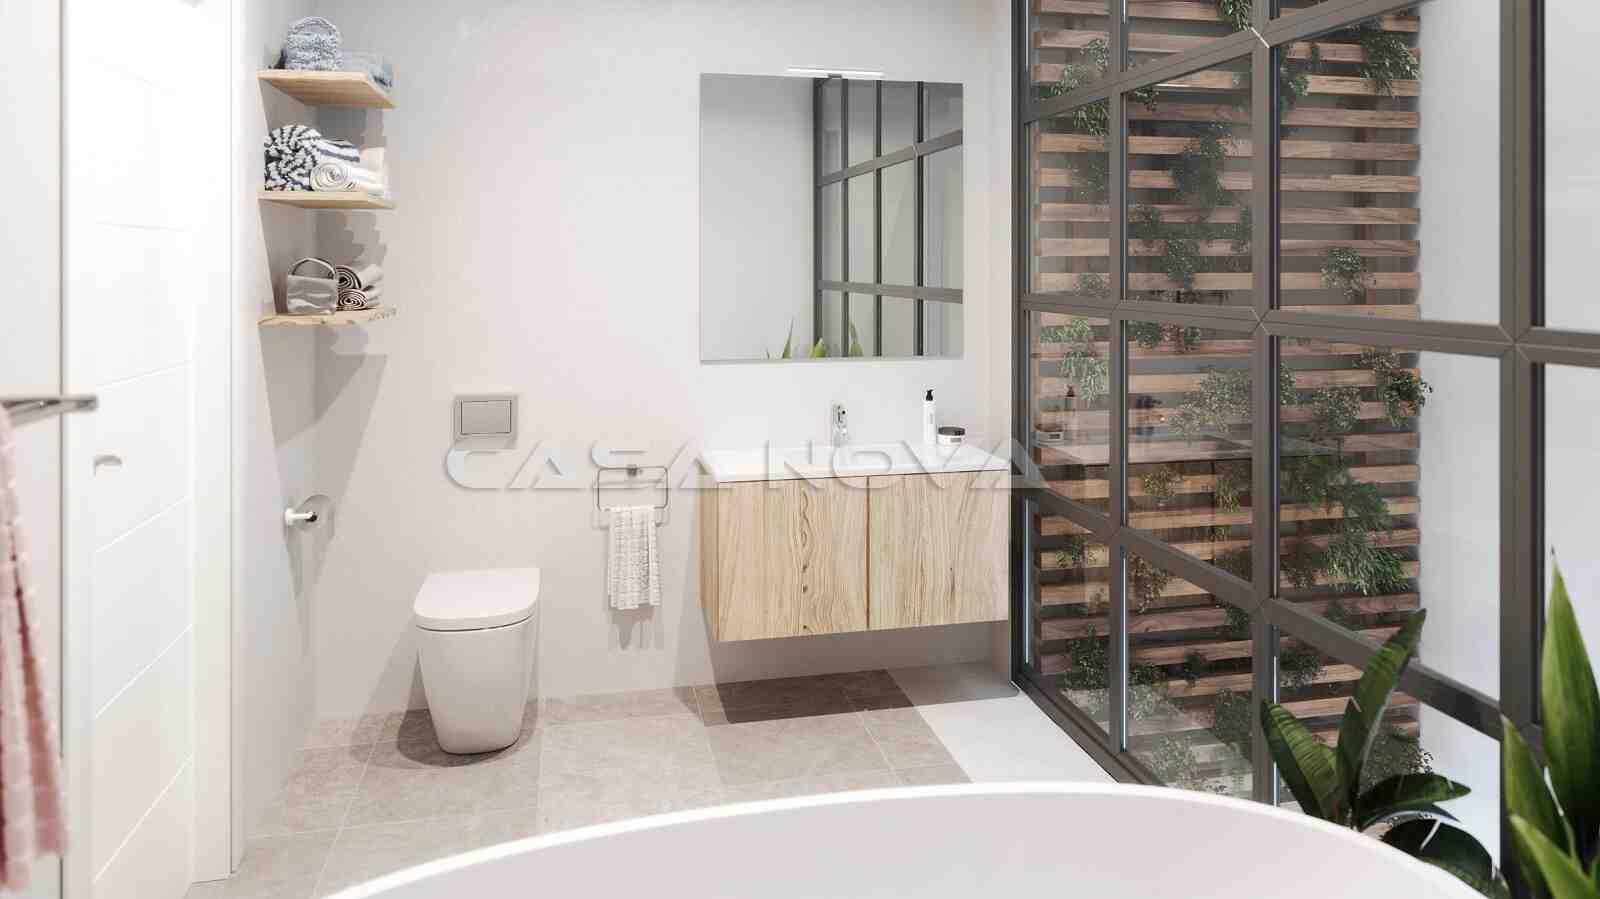 Helles Badezimmer mit moderner Ausstattung